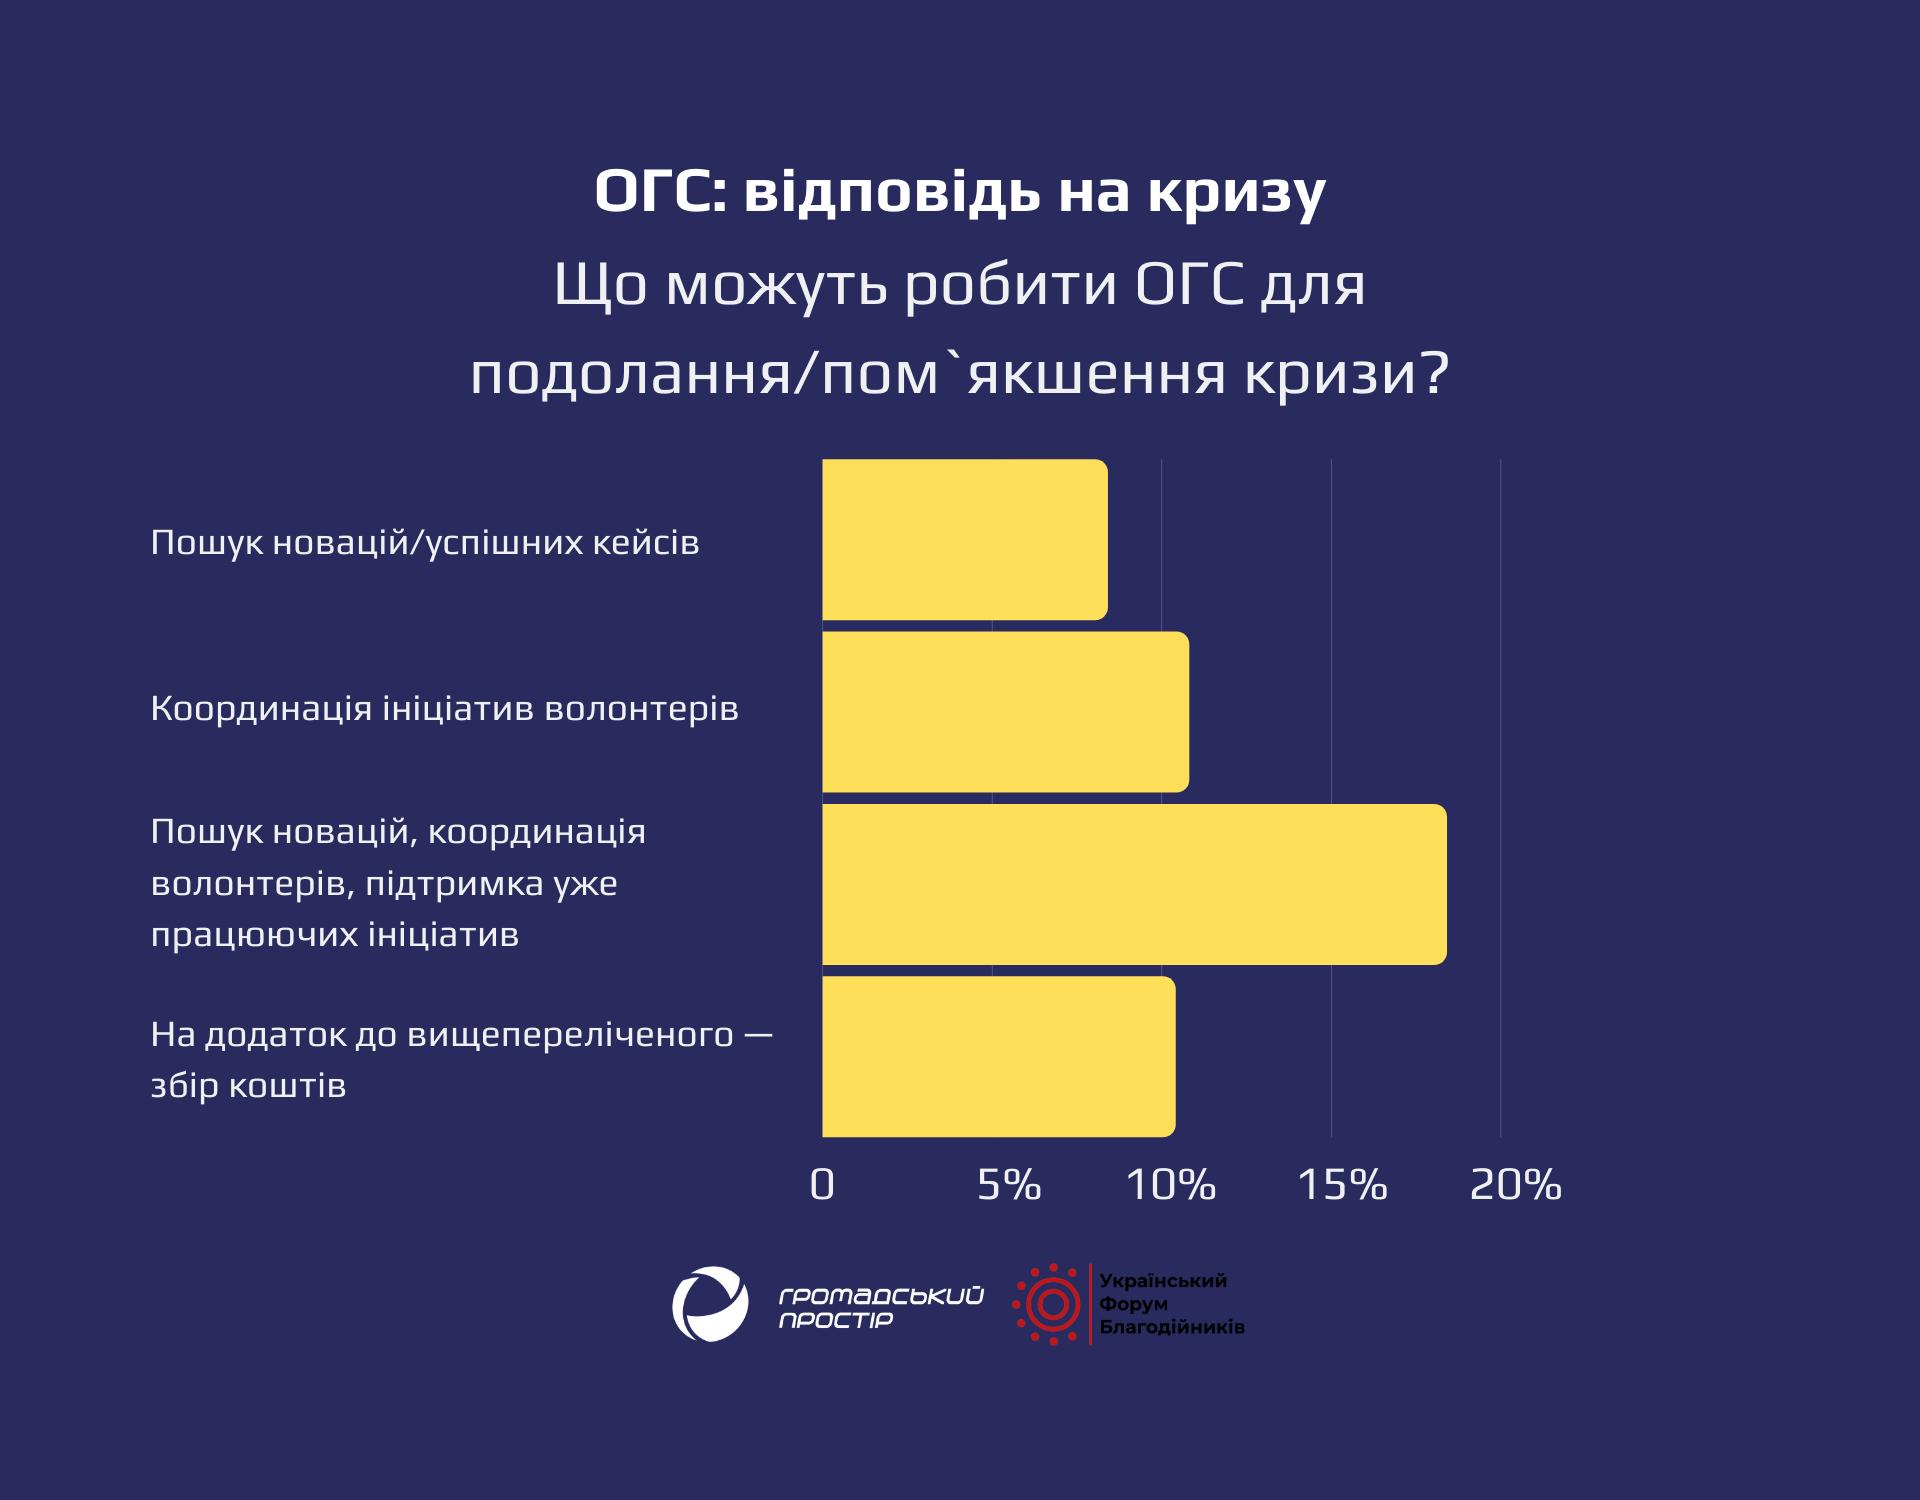 ОГС_відповідь_на_кризу (3)